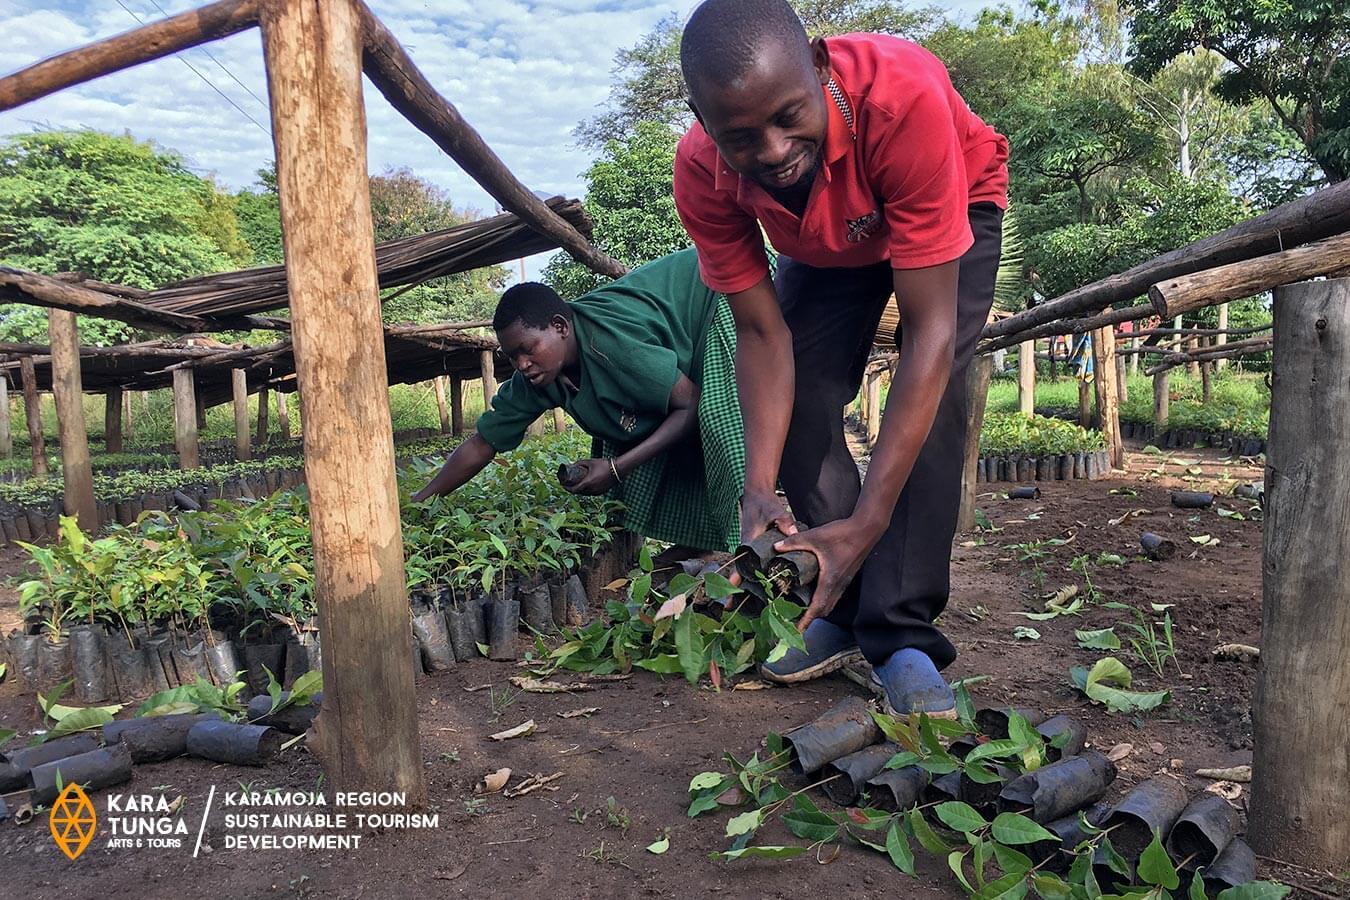 Treeplanting with Kara-Tunga